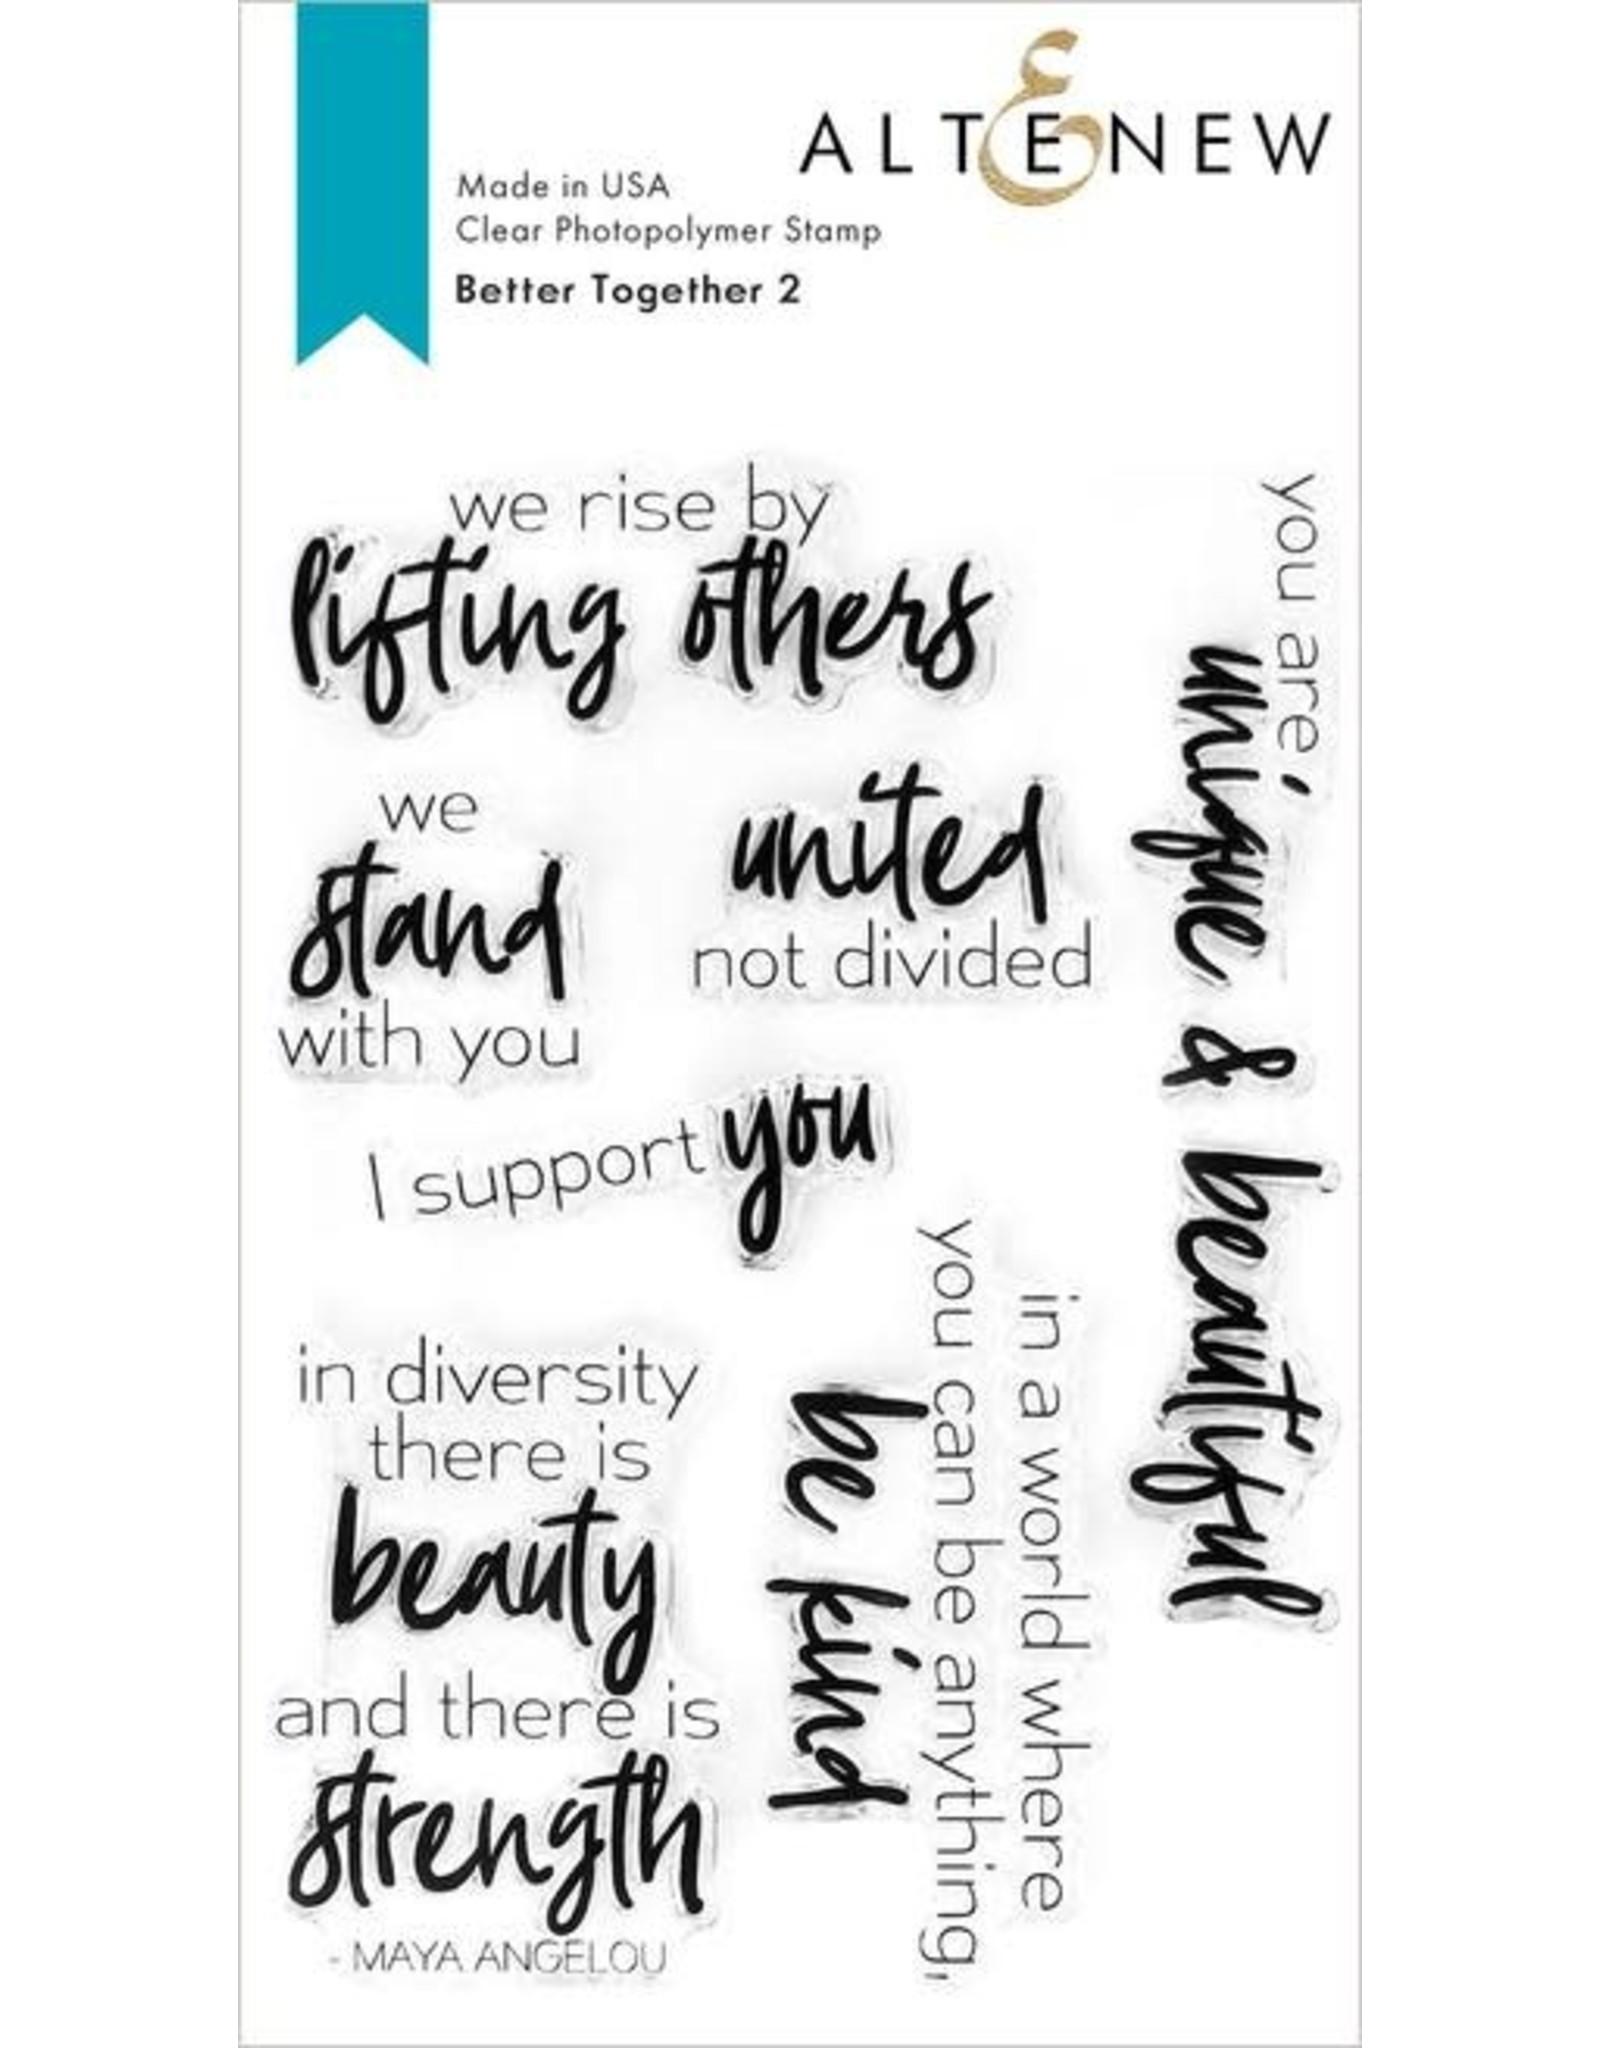 ALTENEW Better Together 2 Stamp Set